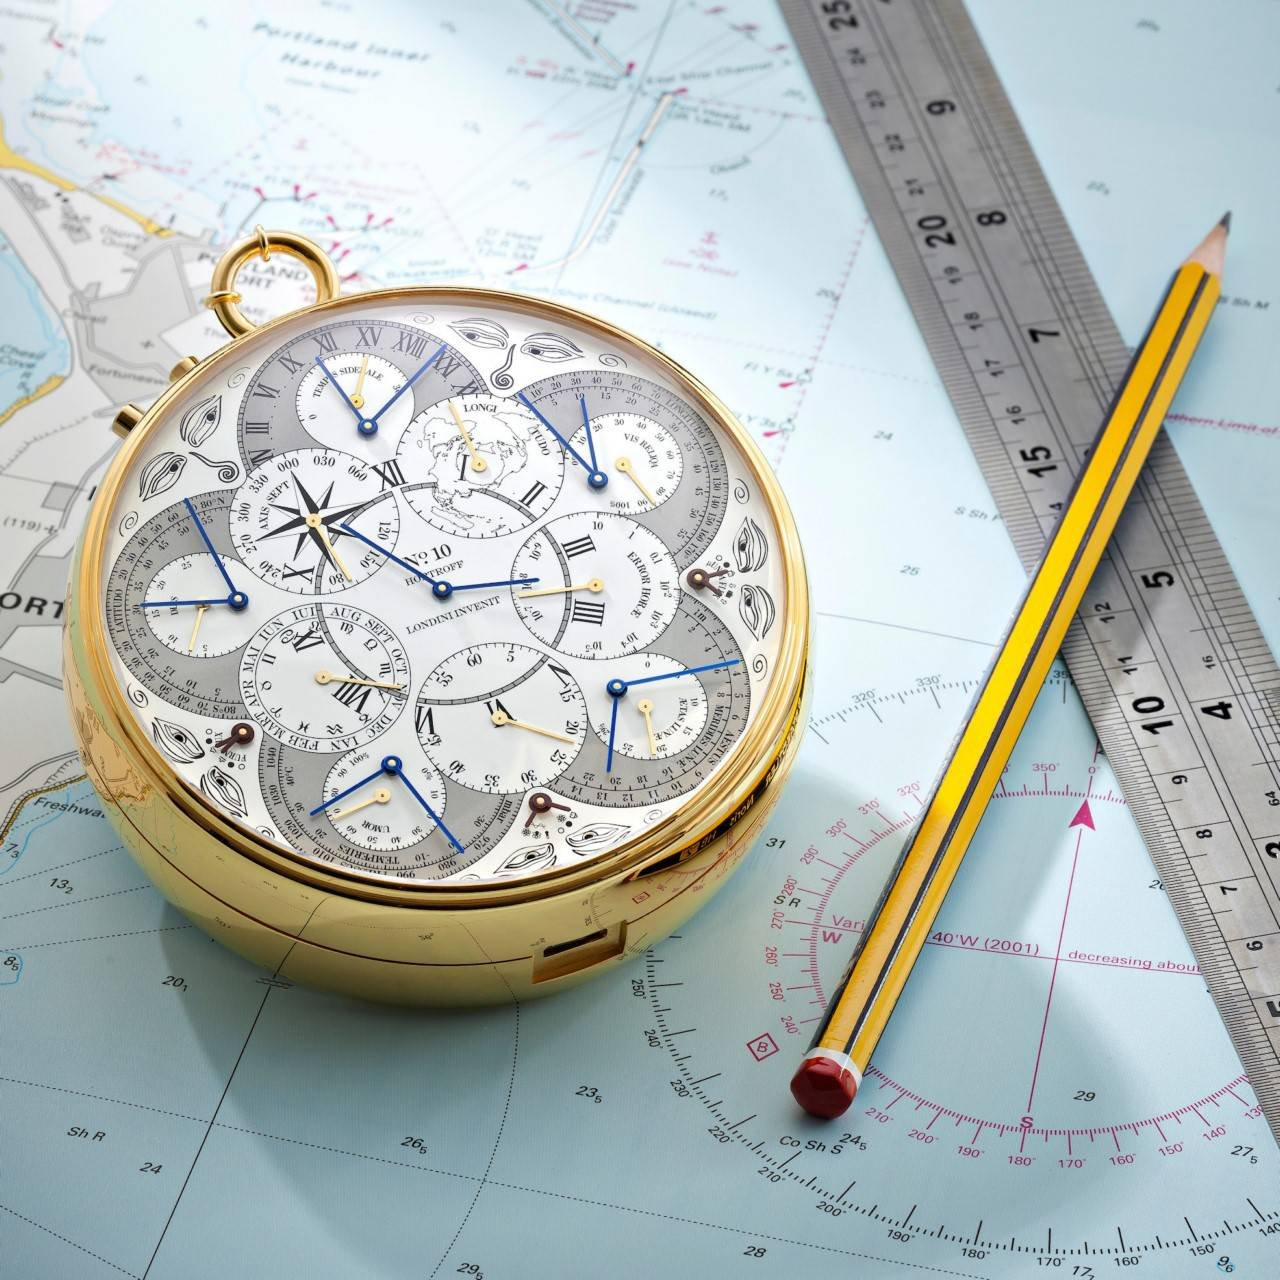 Но если секунда - придуманная величина, то нужно настраивать все часы под неё.